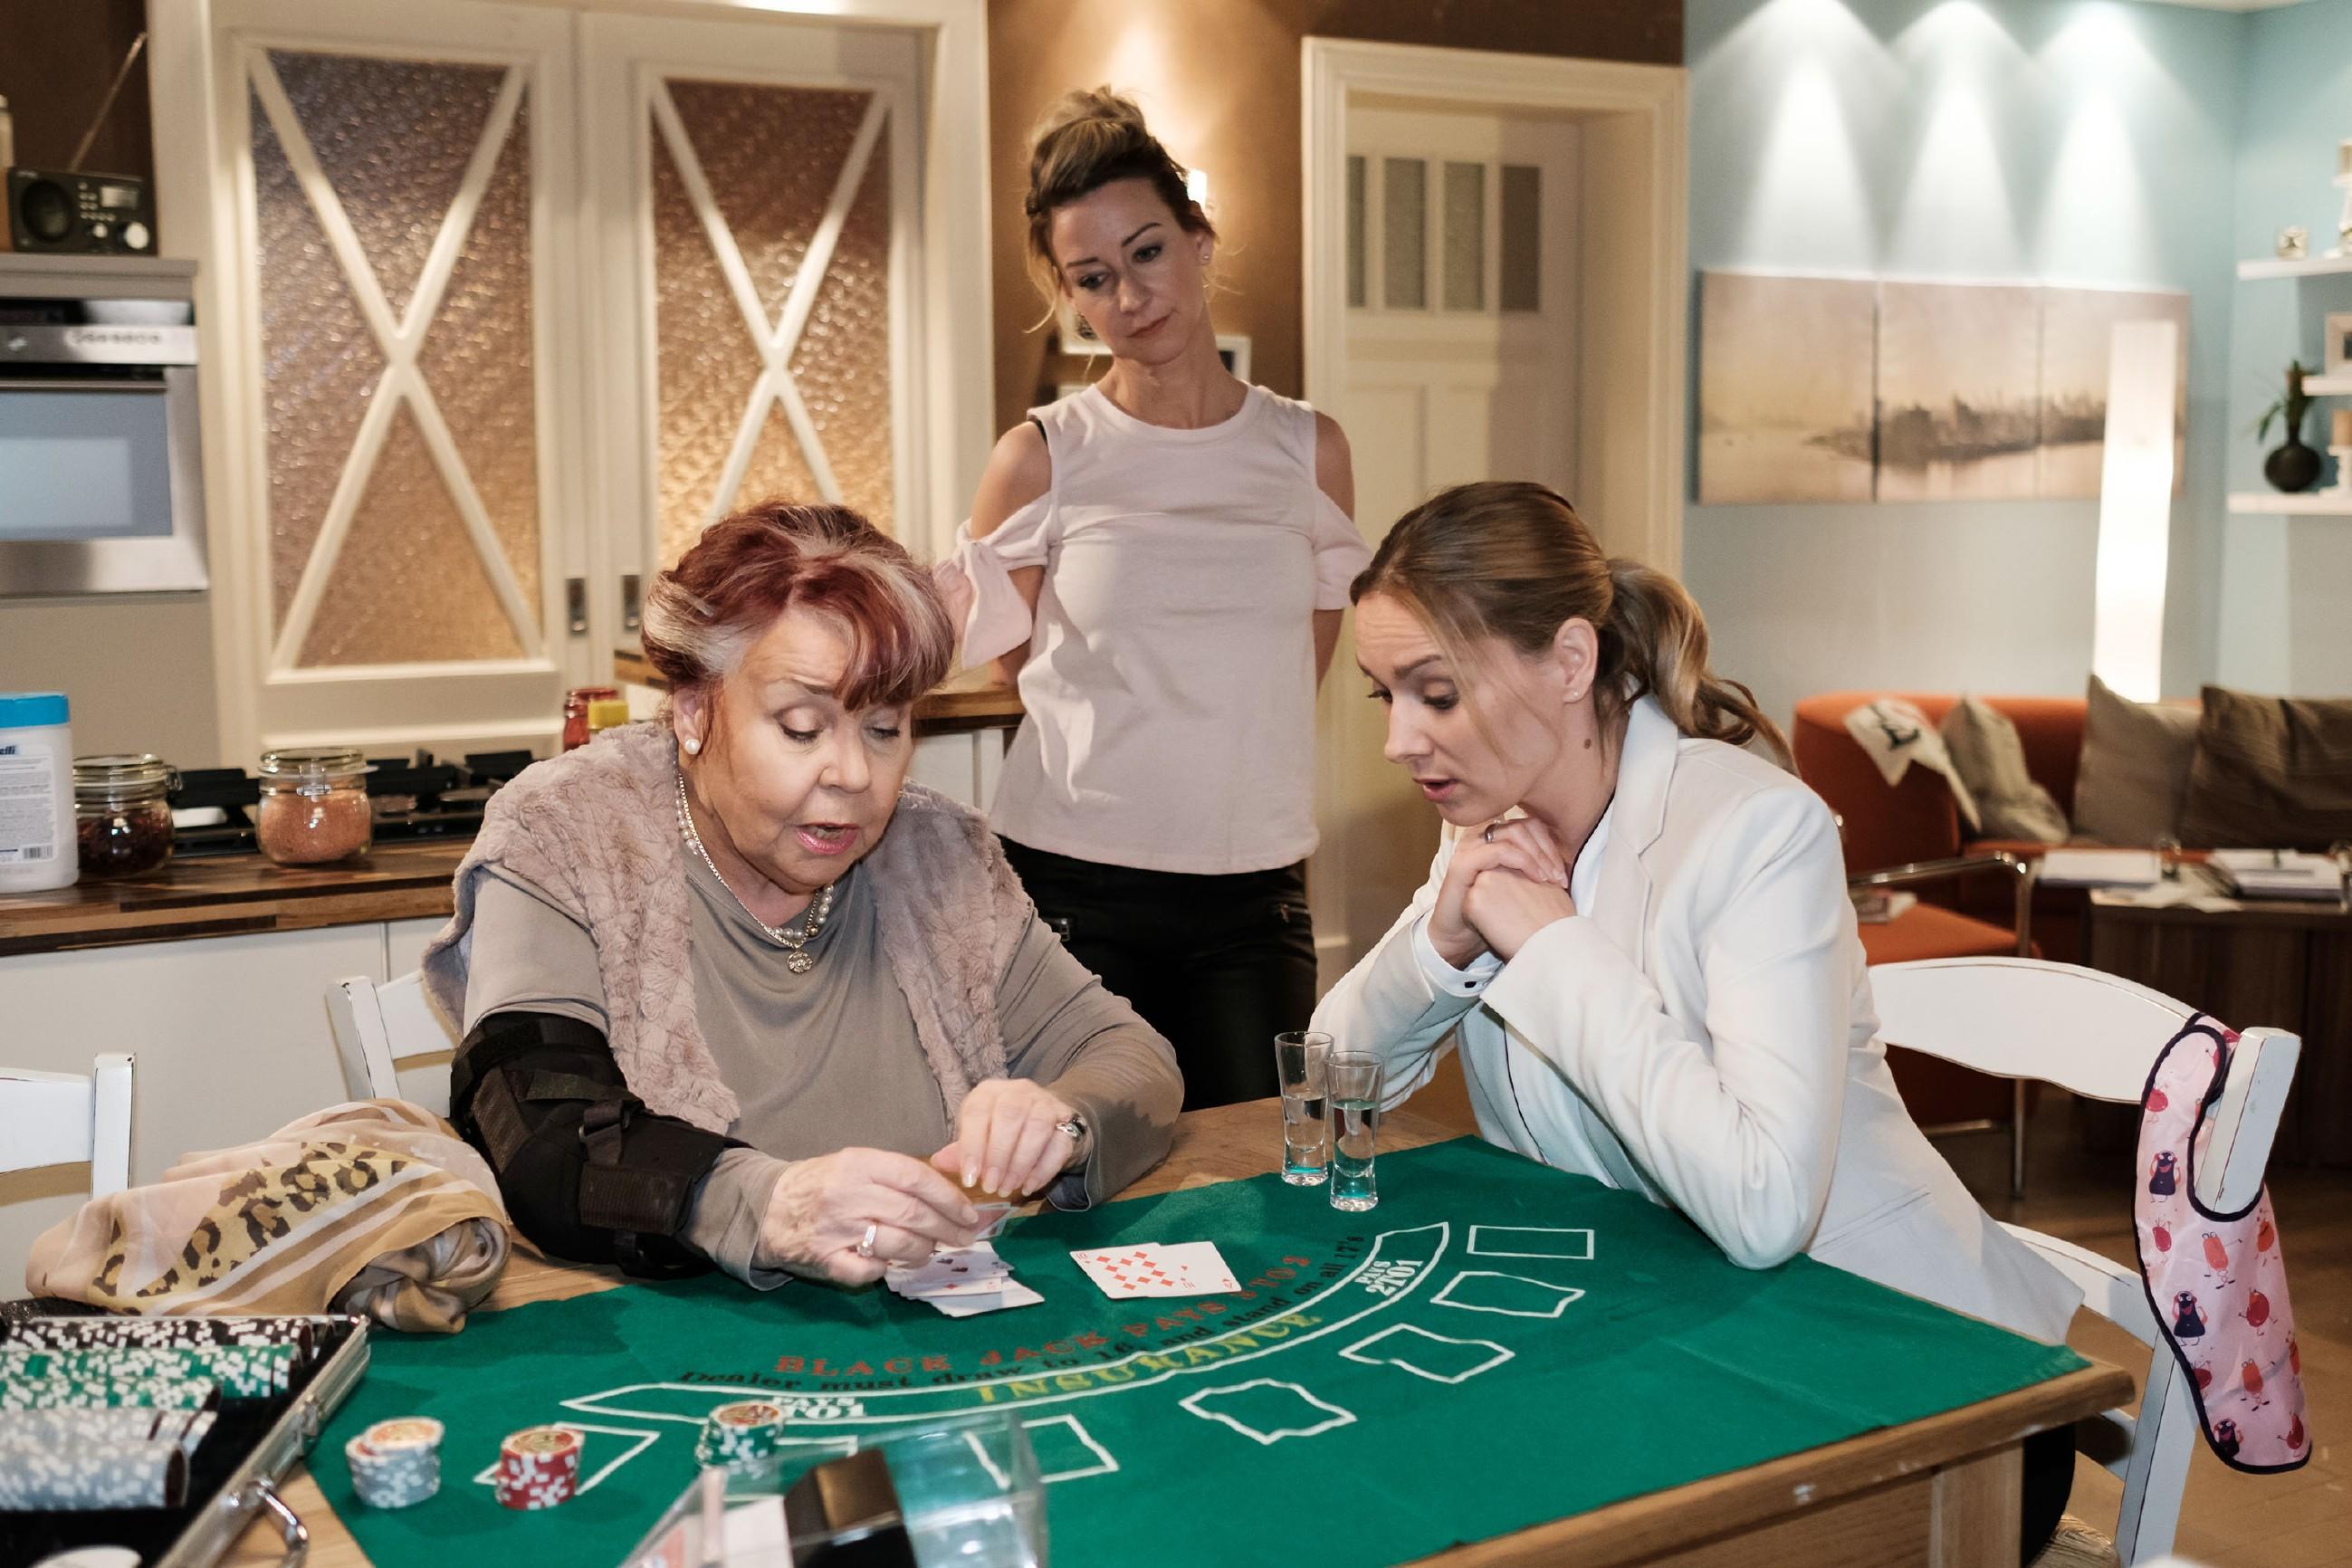 Andrea (Astrid Leberti, r.) nimmt auf der Suche nach Ablenkung das Spielangebot ihrer Oma Roswitha (Andrea Brix, l.) an. Auch Ute (Isabell Hertel) wird an den Spieltisch gebeten. (Quelle: RTL / Stefan Behrens)